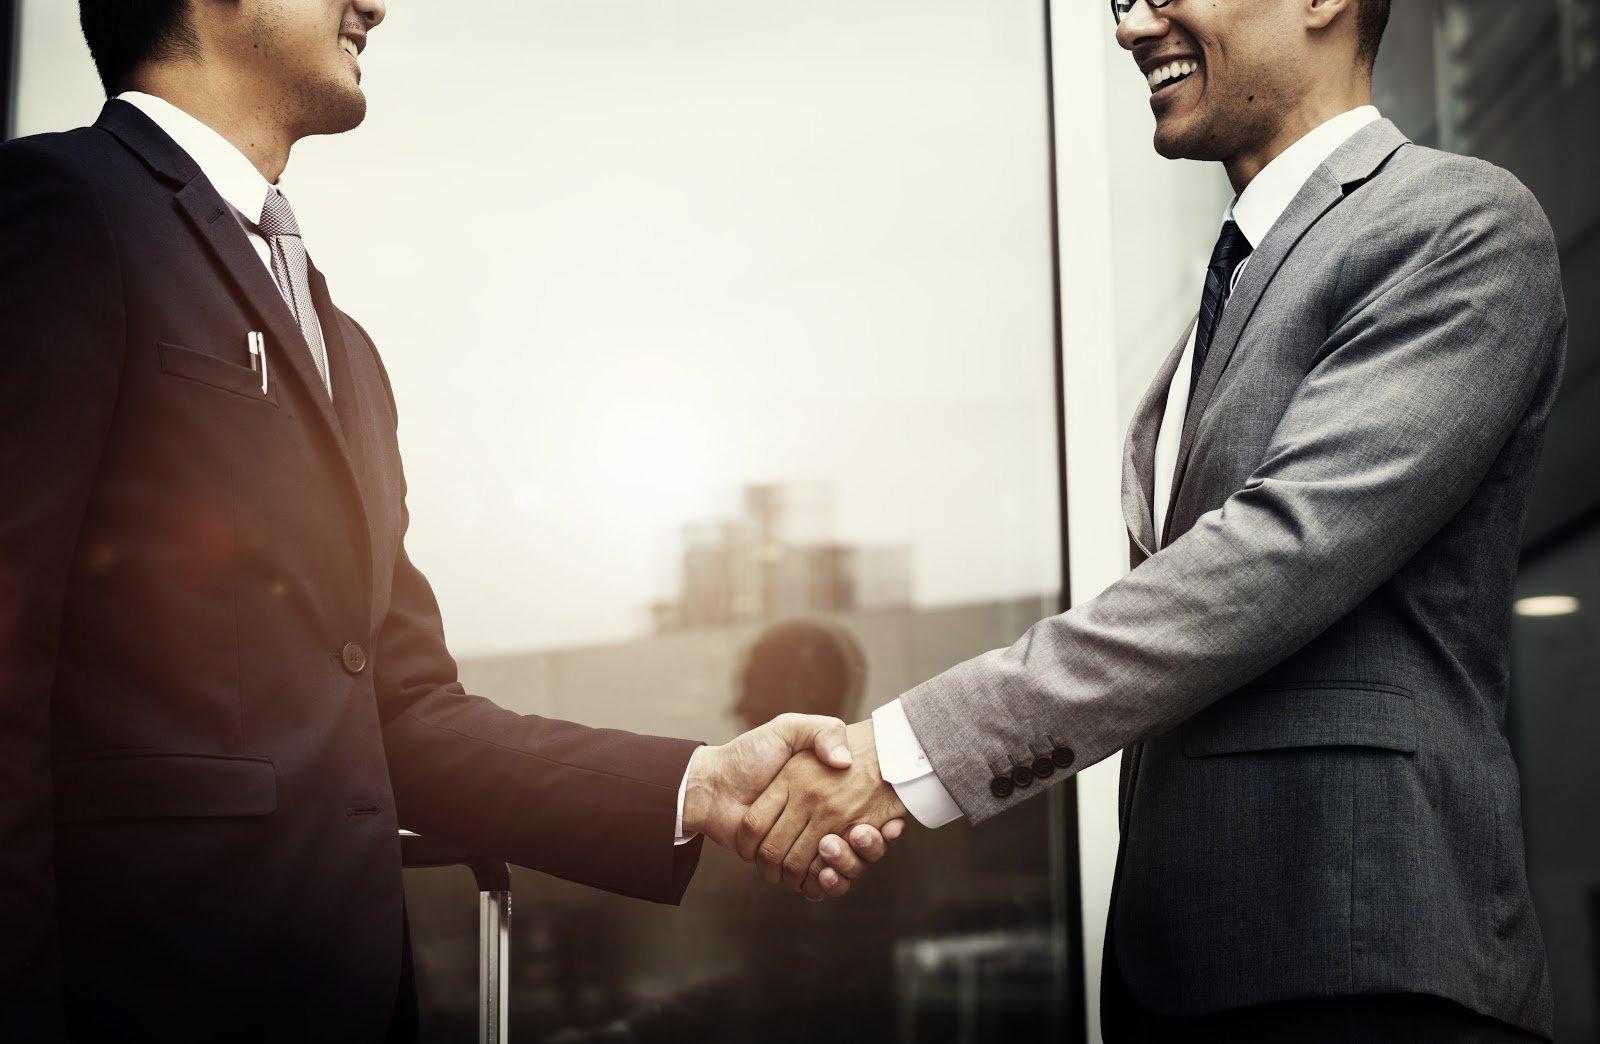 Networking entre empresas: vale a pena investir? Vivo Empresa - Ecotelecom